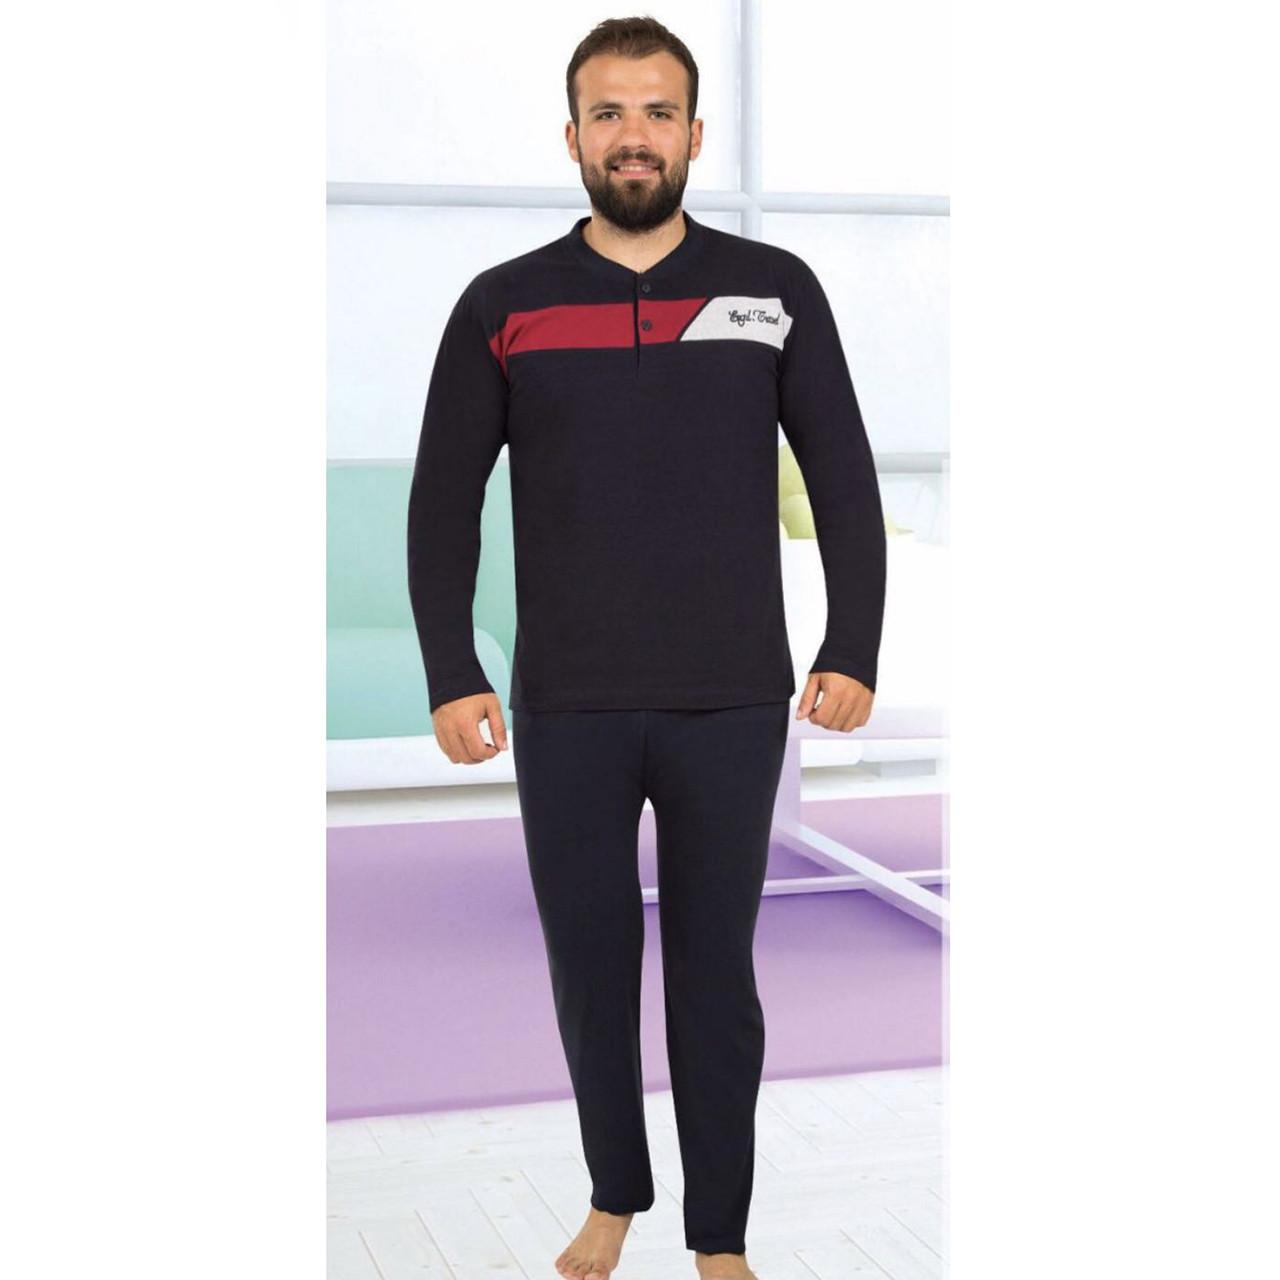 Піжама чоловіча бавовняна з брюками Seyko, костюм для будинку 2065 розмір M